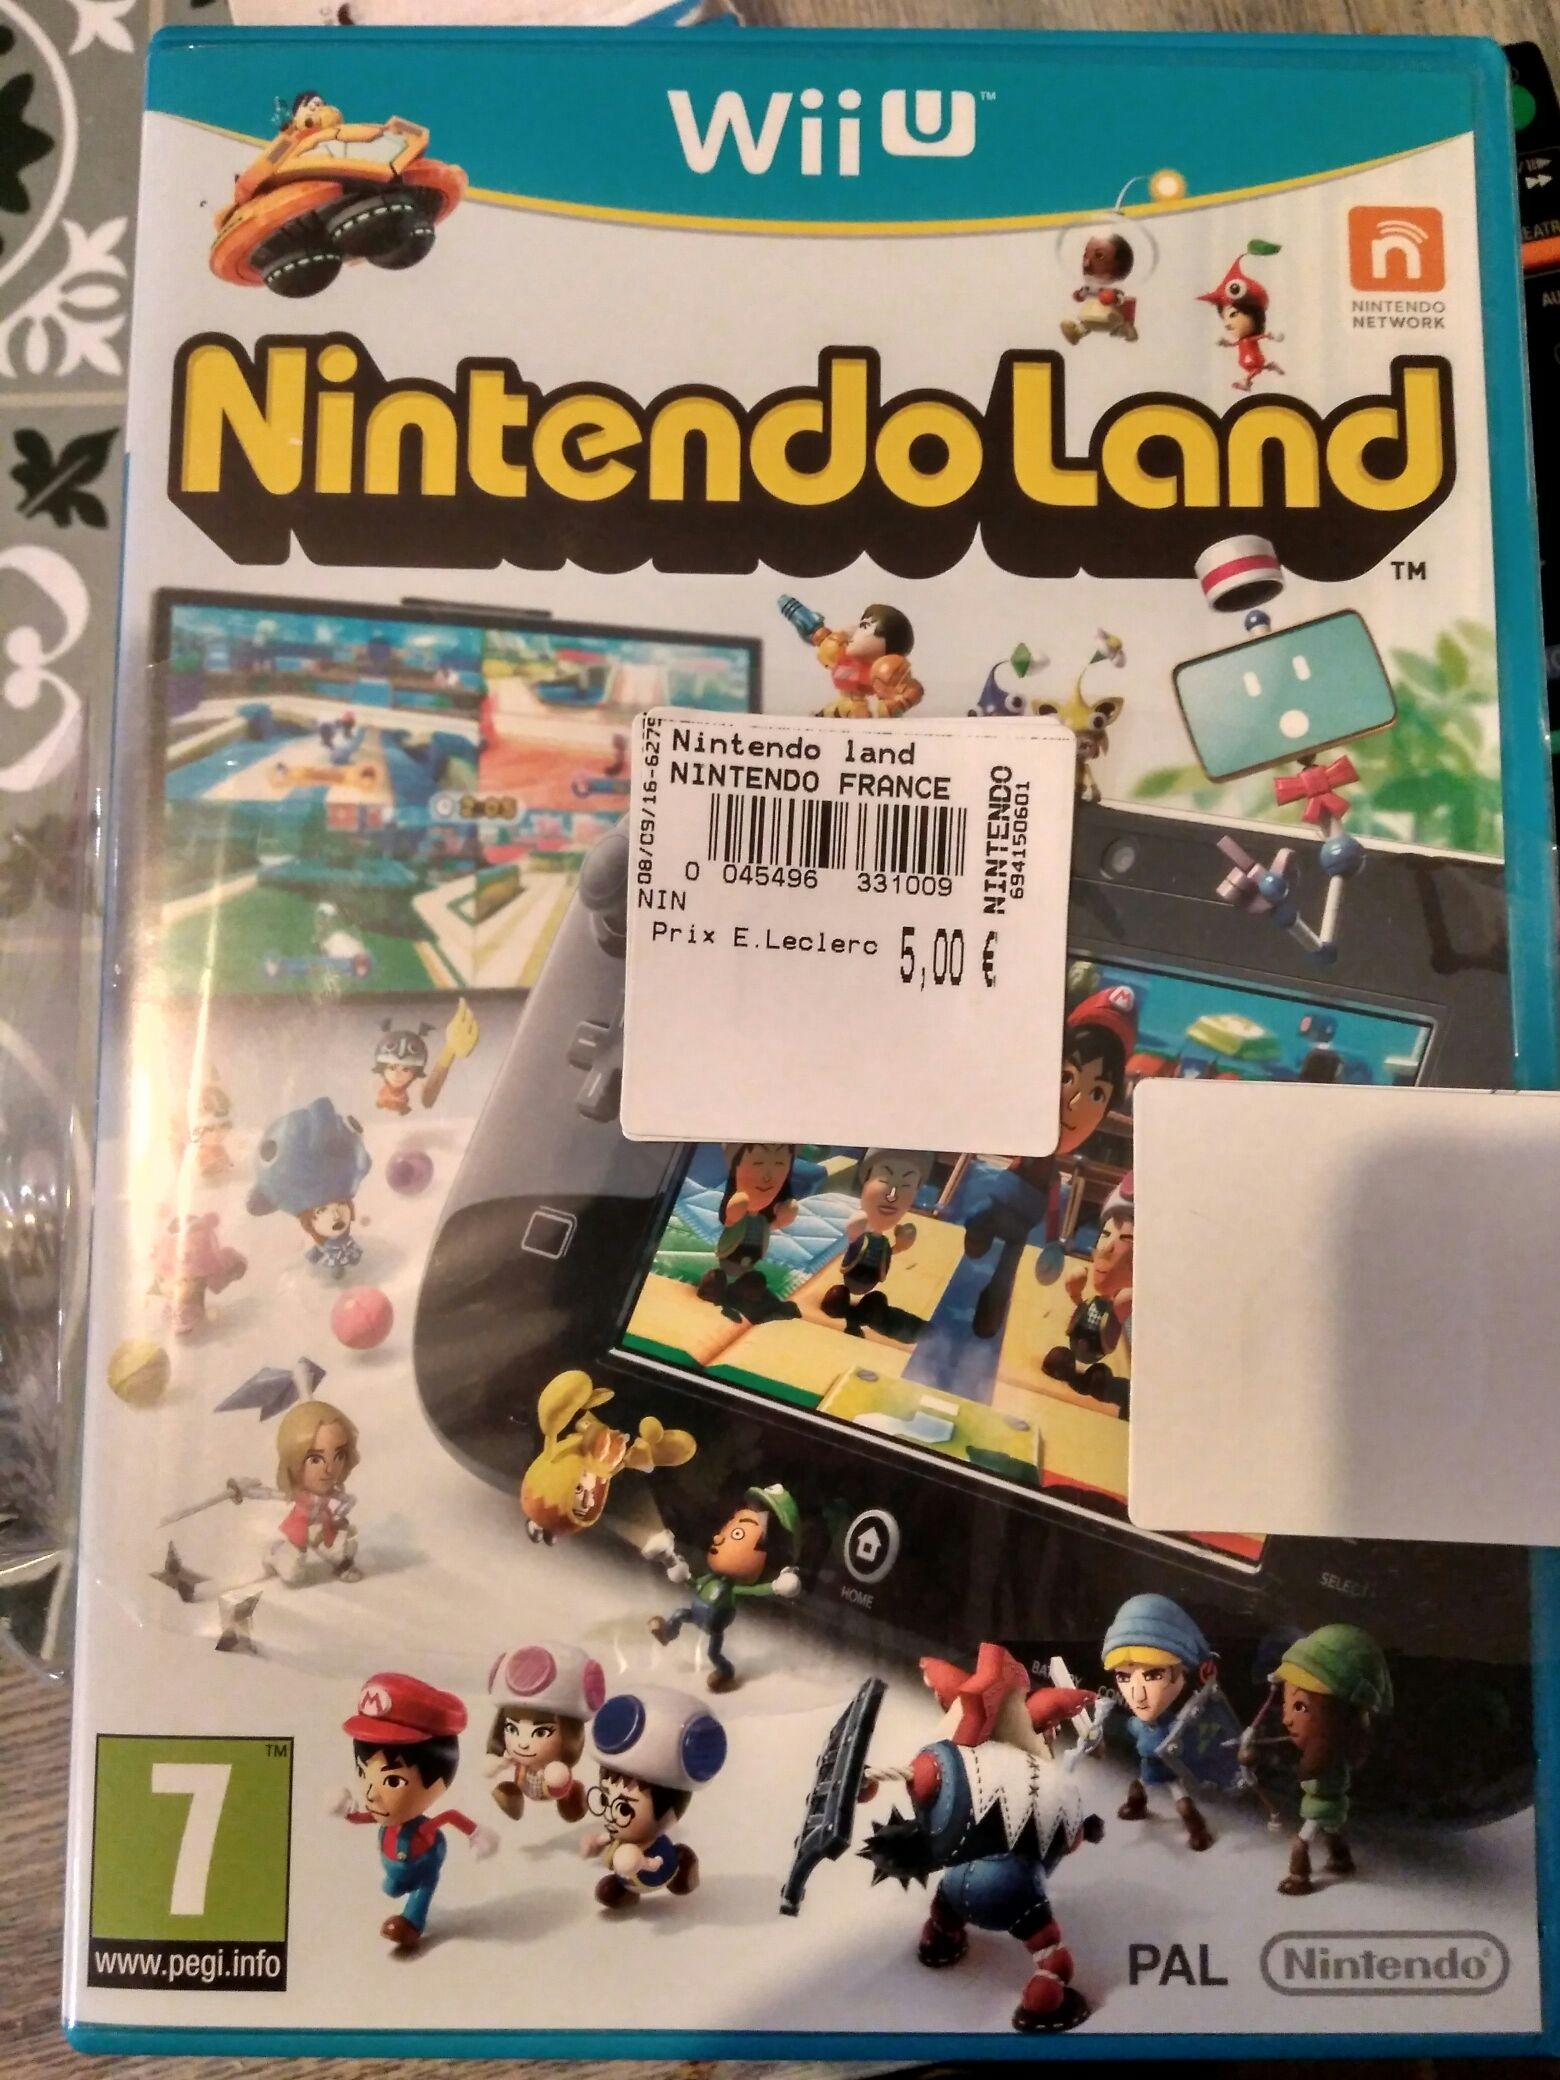 Sélection de produits en Promotion - Ex: Nintendo Land sur Nintendo Wii U à 5€ (Blois (41)